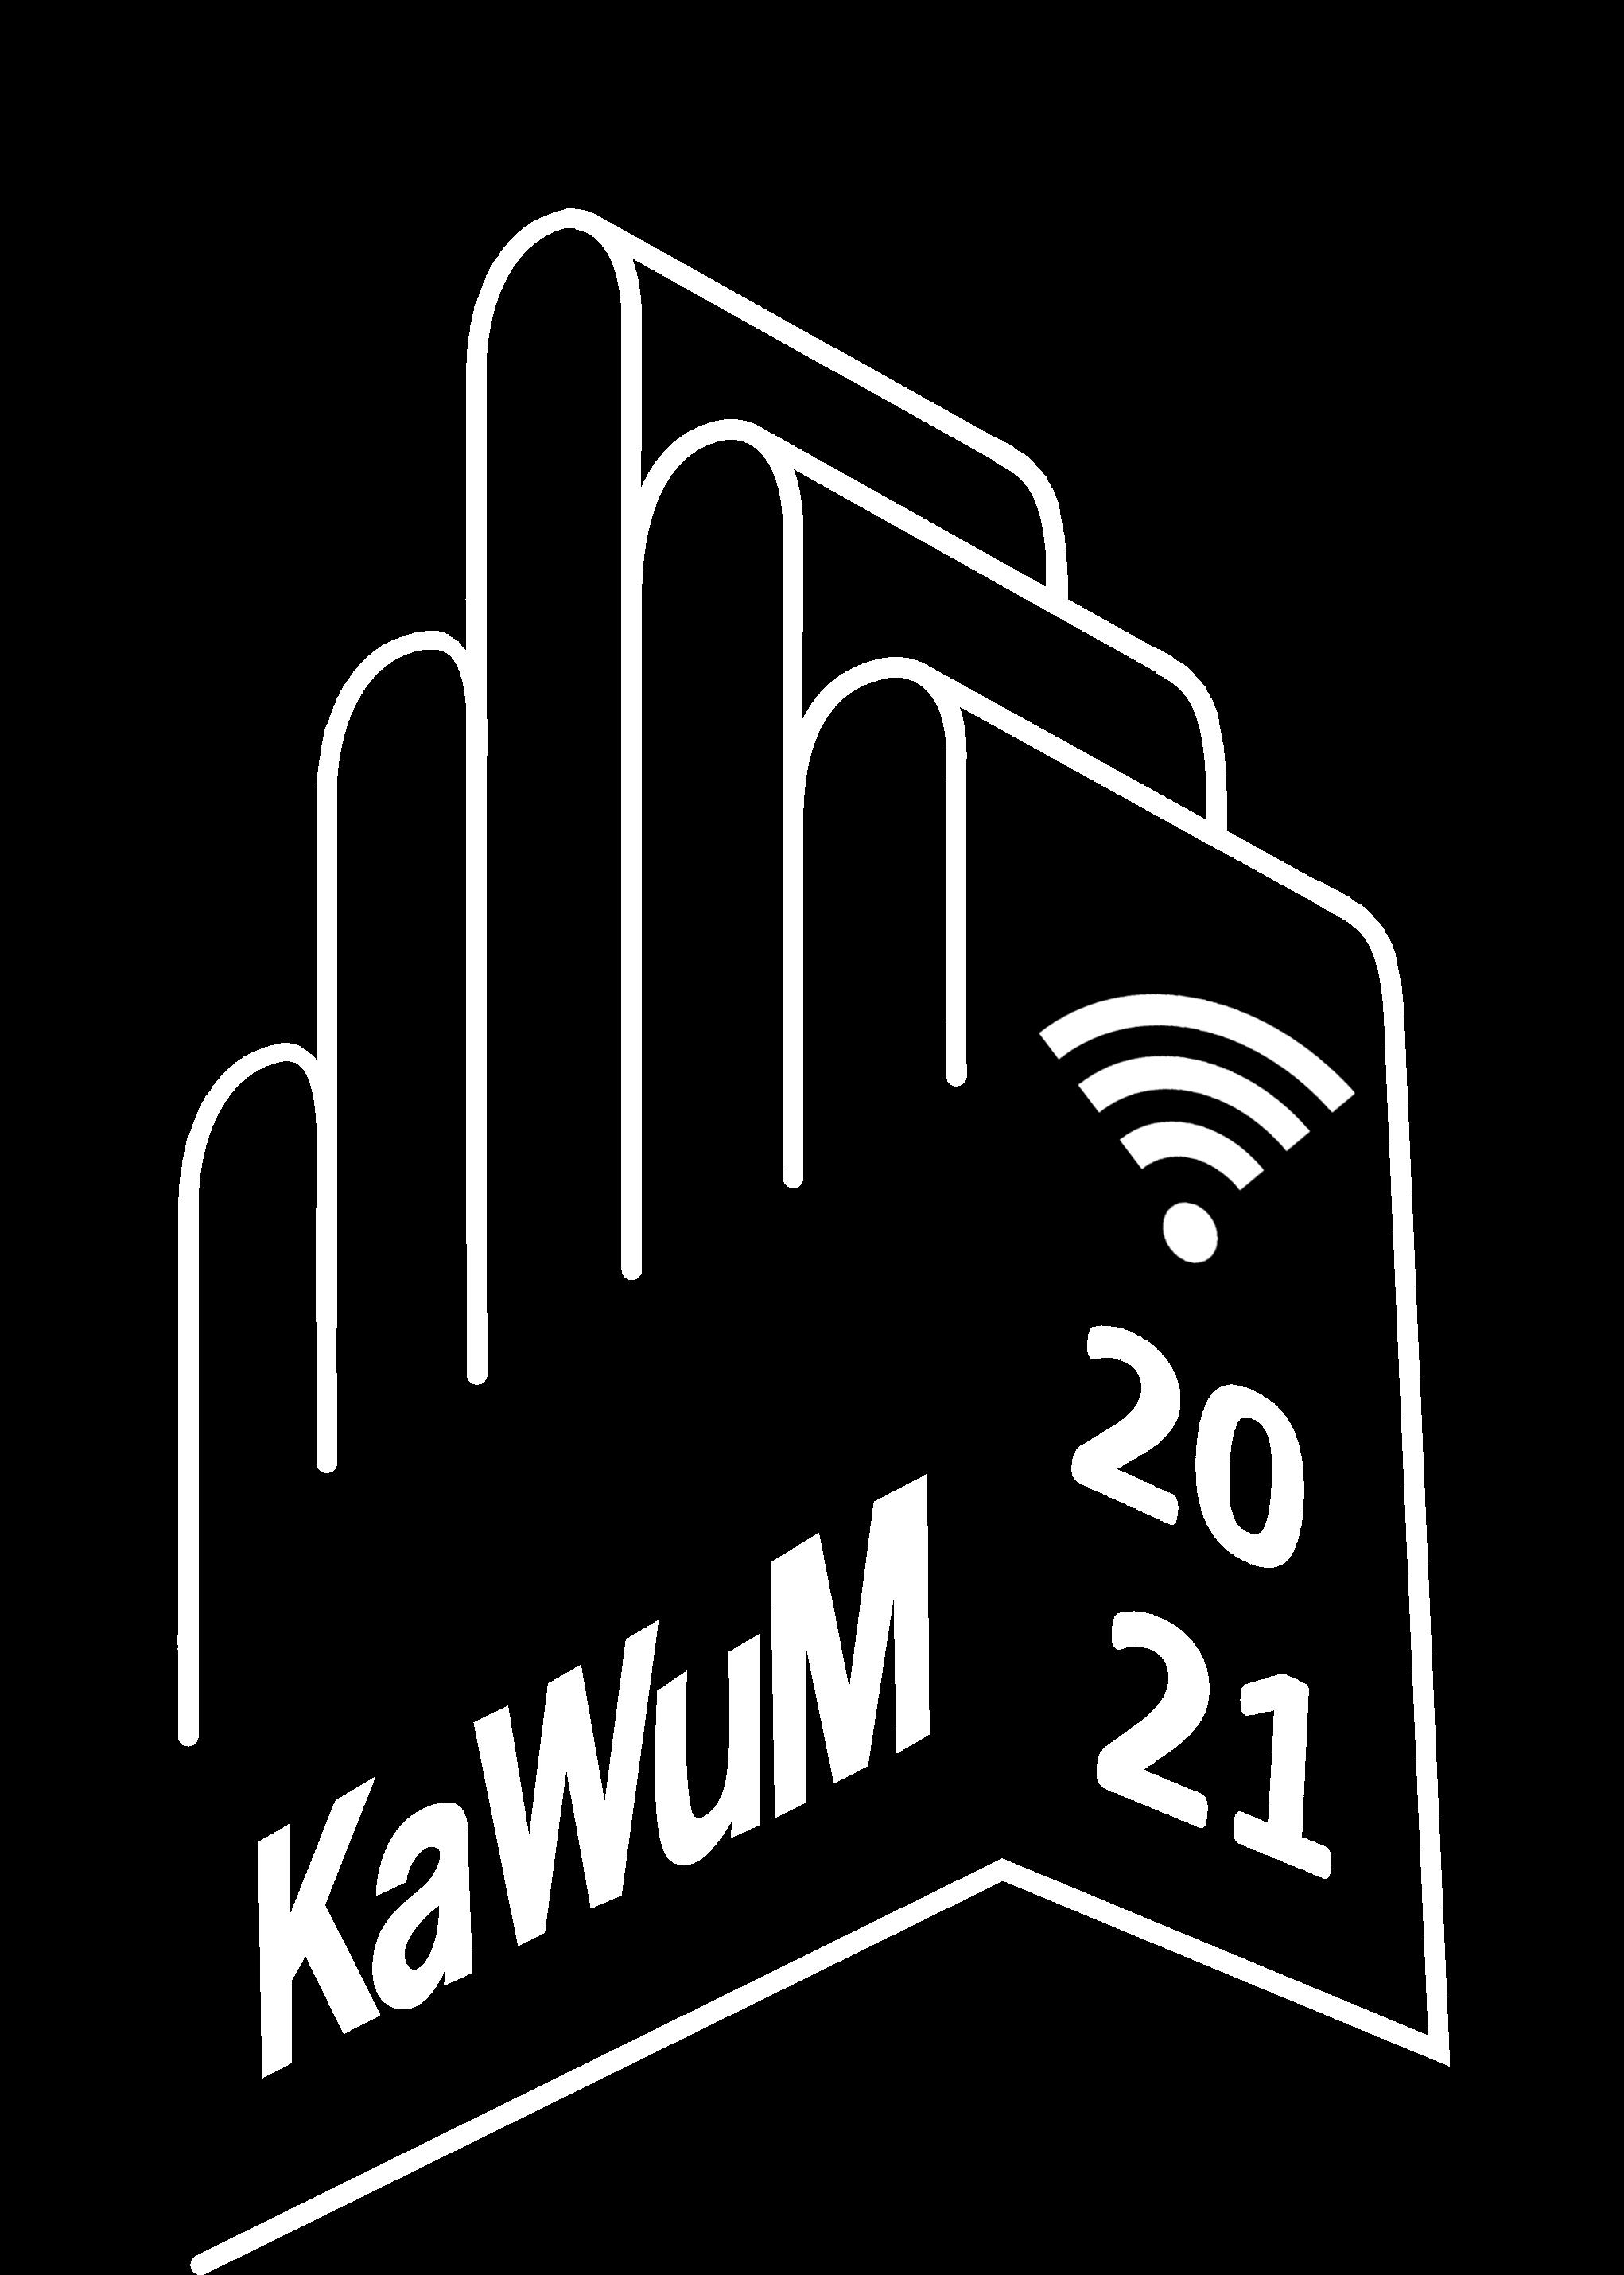 22. KaWuM Online